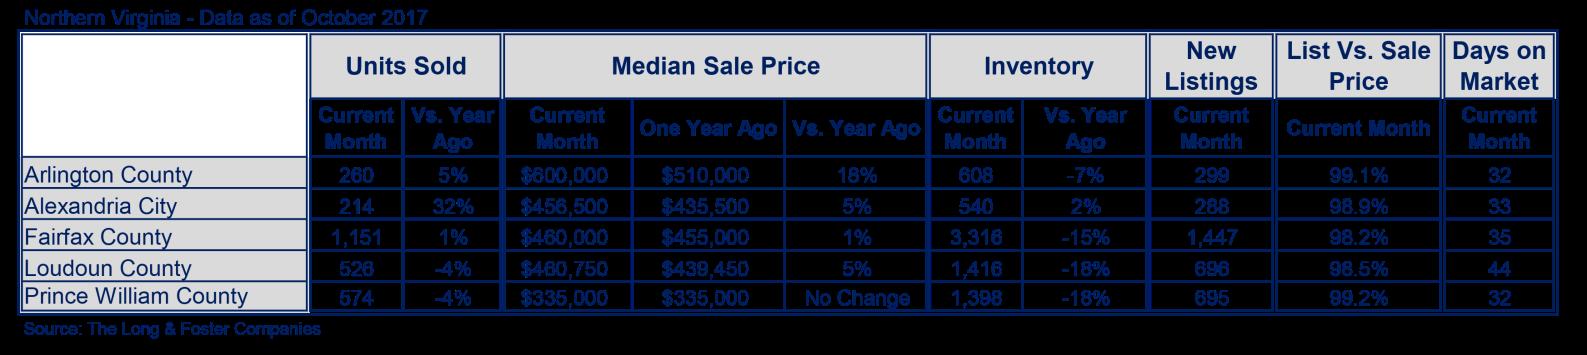 NoVa Market Minute Chart